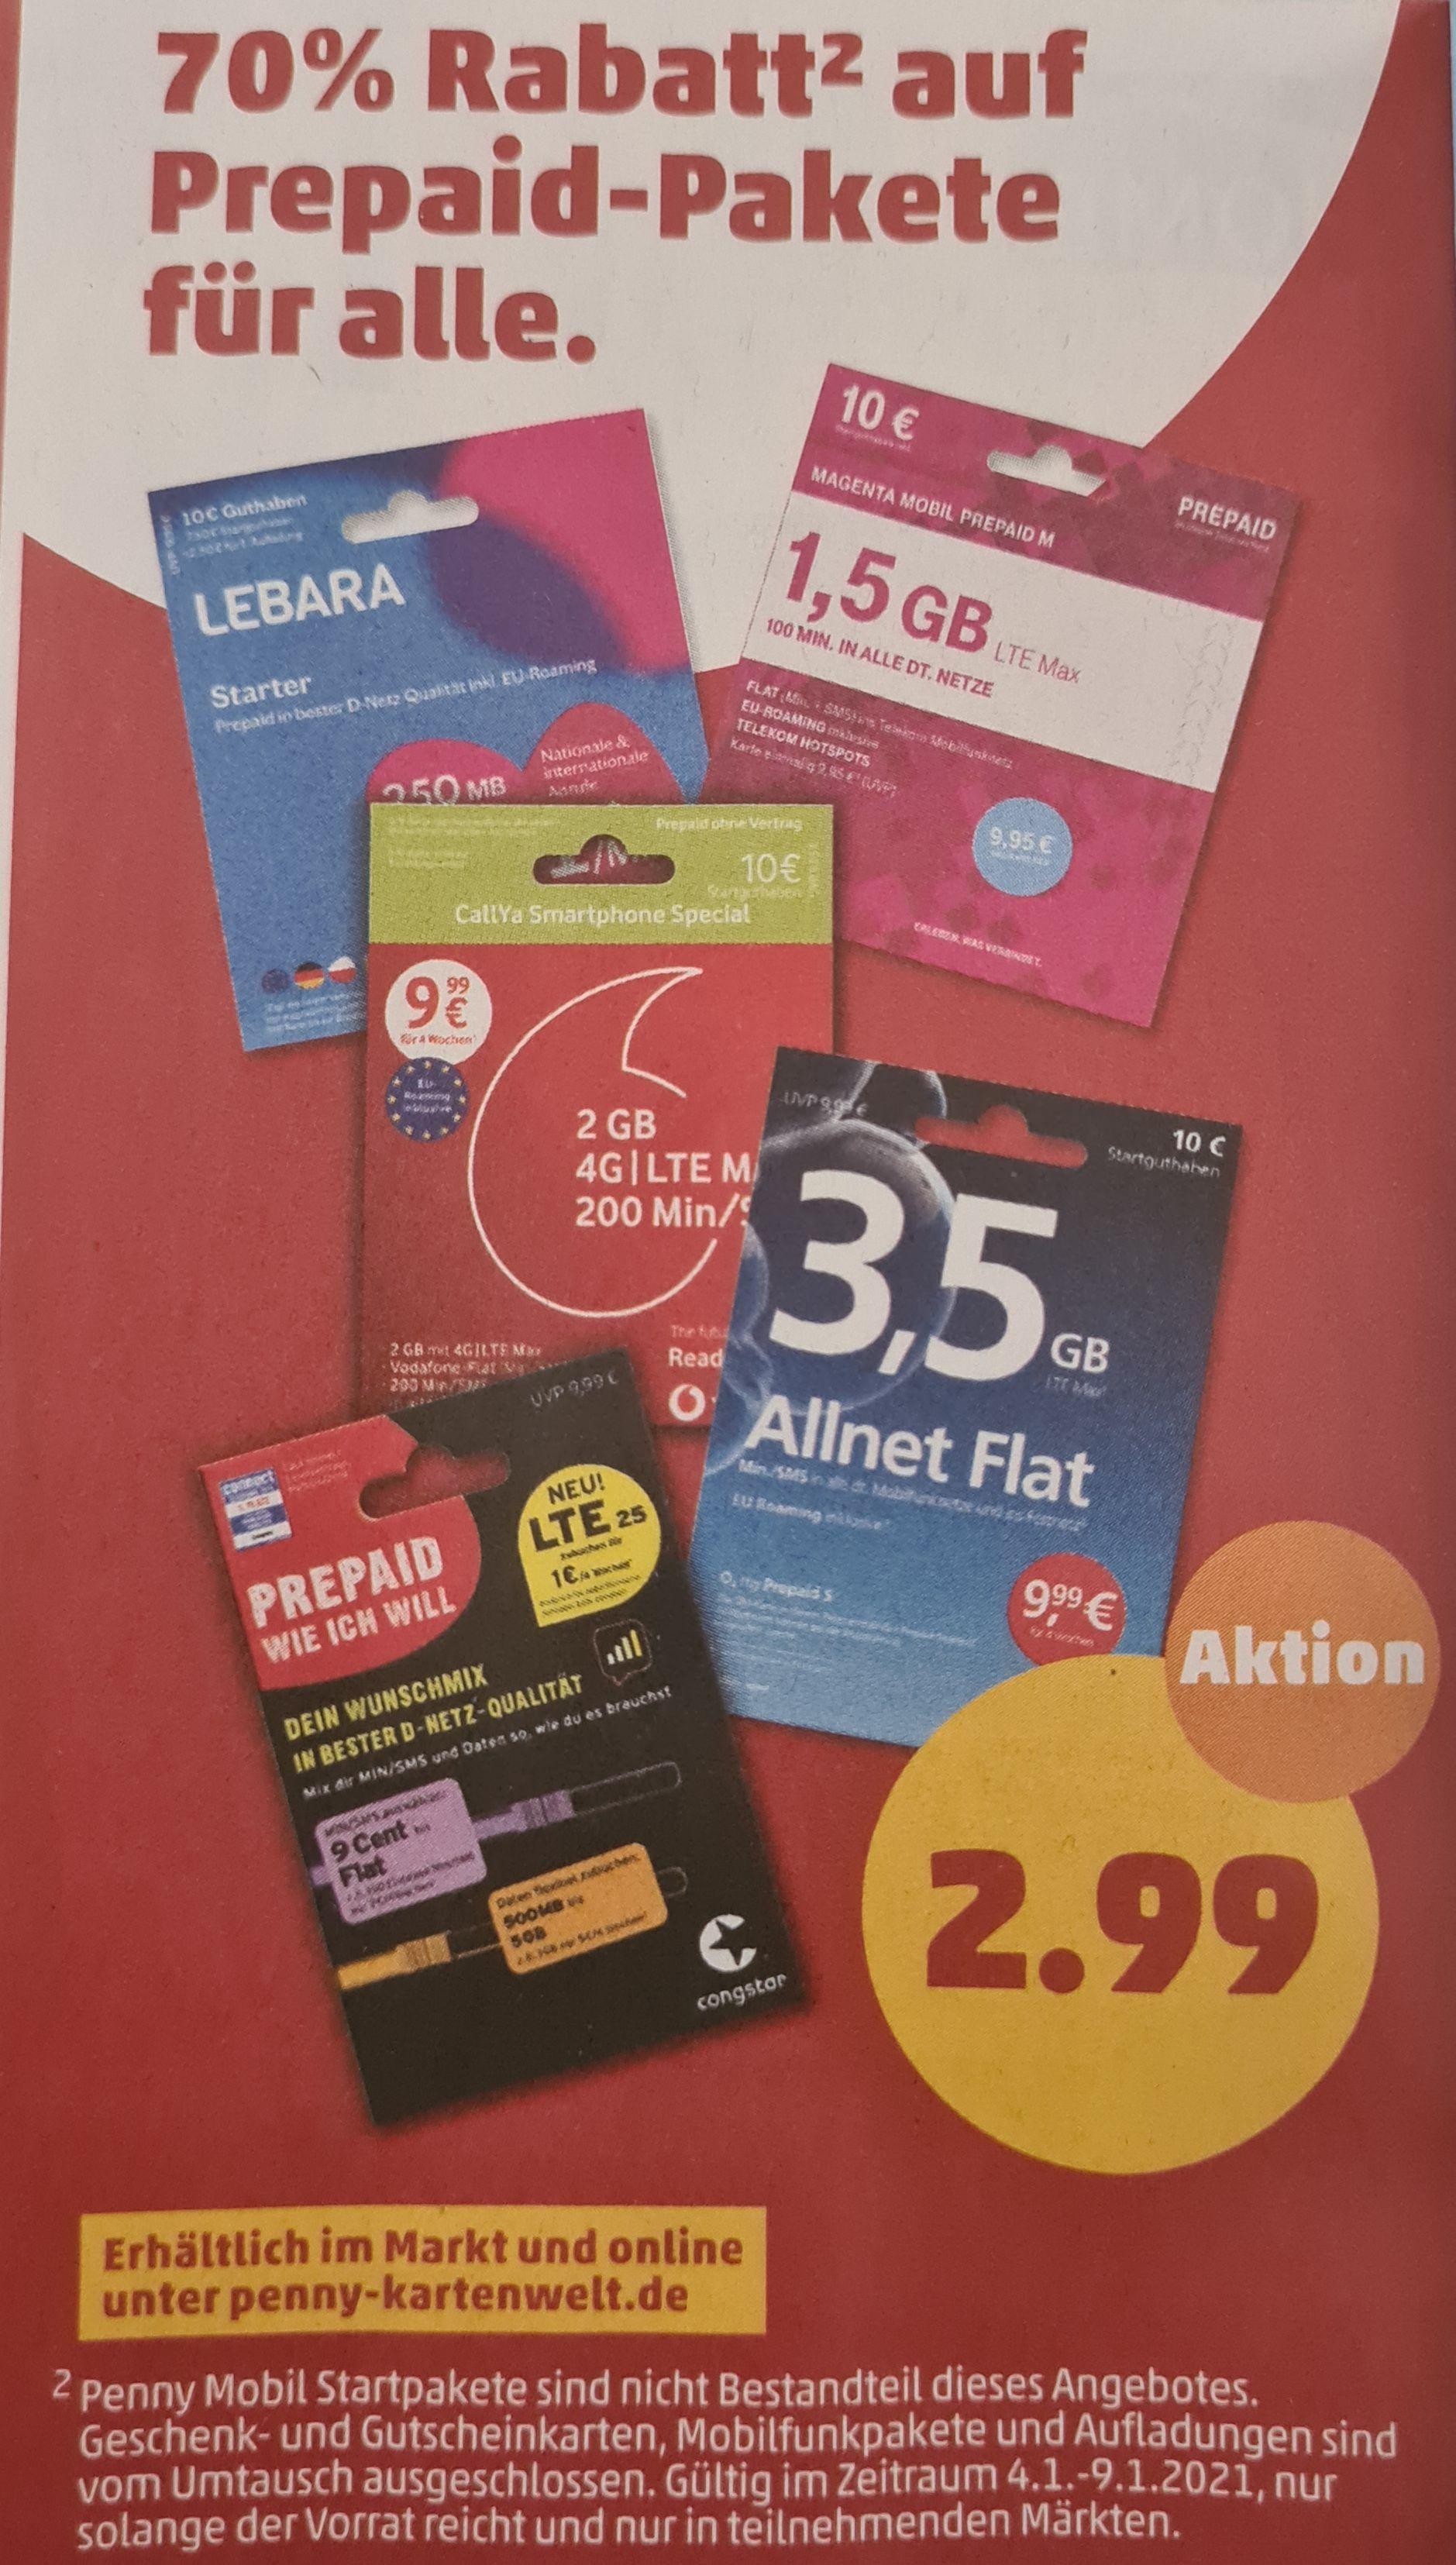 70% Rabatt auf alle Prepaid-Starterpakete (außer Penny Mobil) [Penny]